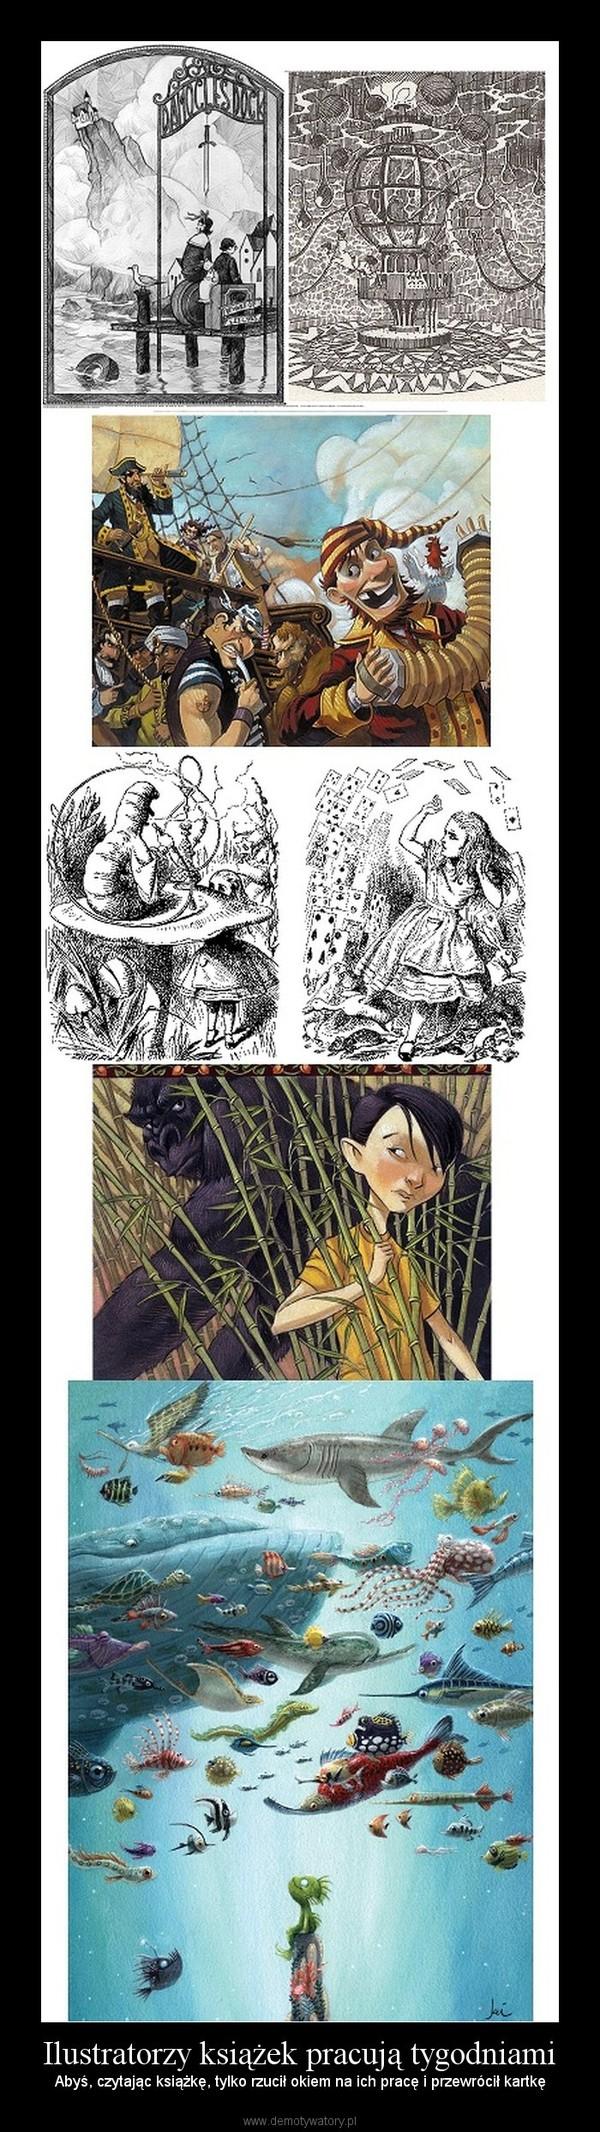 Ilustratorzy książek pracują tygodniami – Abyś, czytając książkę, tylko rzucił okiem na ich pracę i przewrócił kartkę